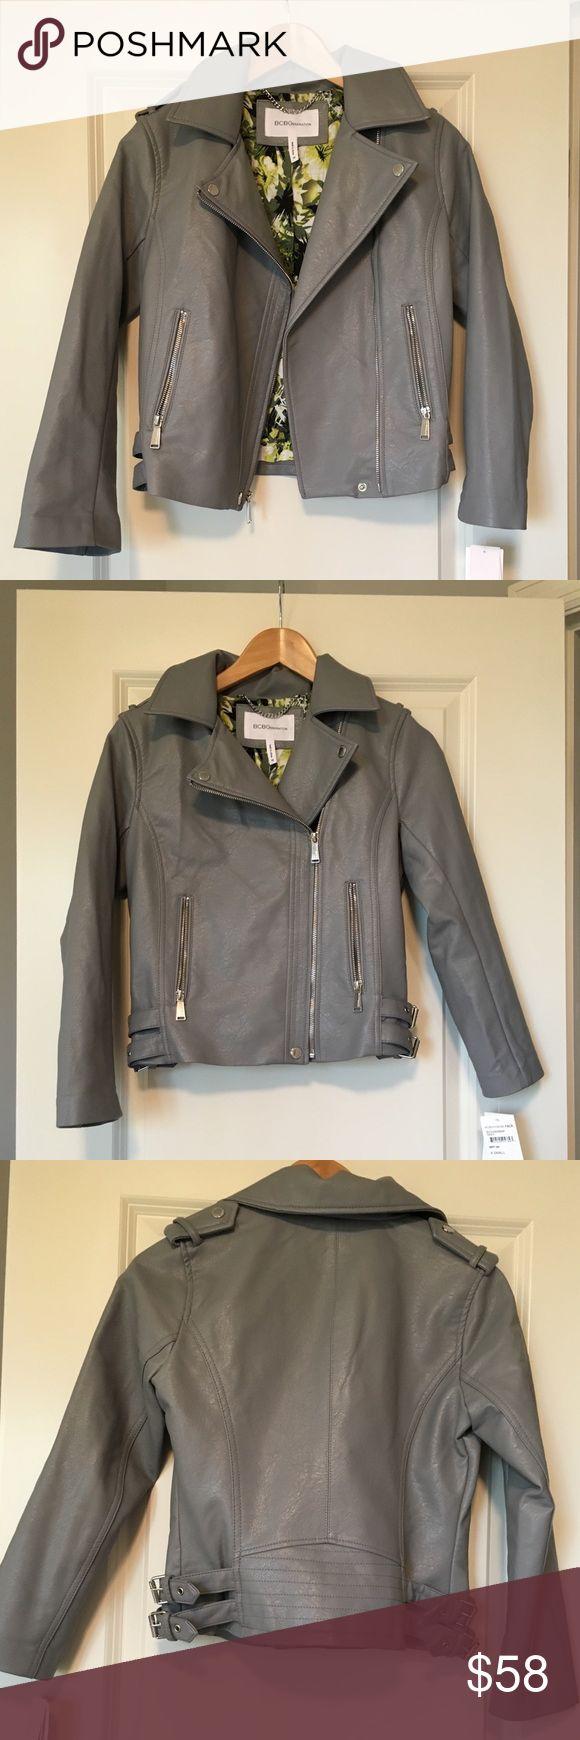 NWT BCBGeneration Pleather Jacket NWT BCBGeneration Pleather Jacket BCBGeneration Jackets & Coats